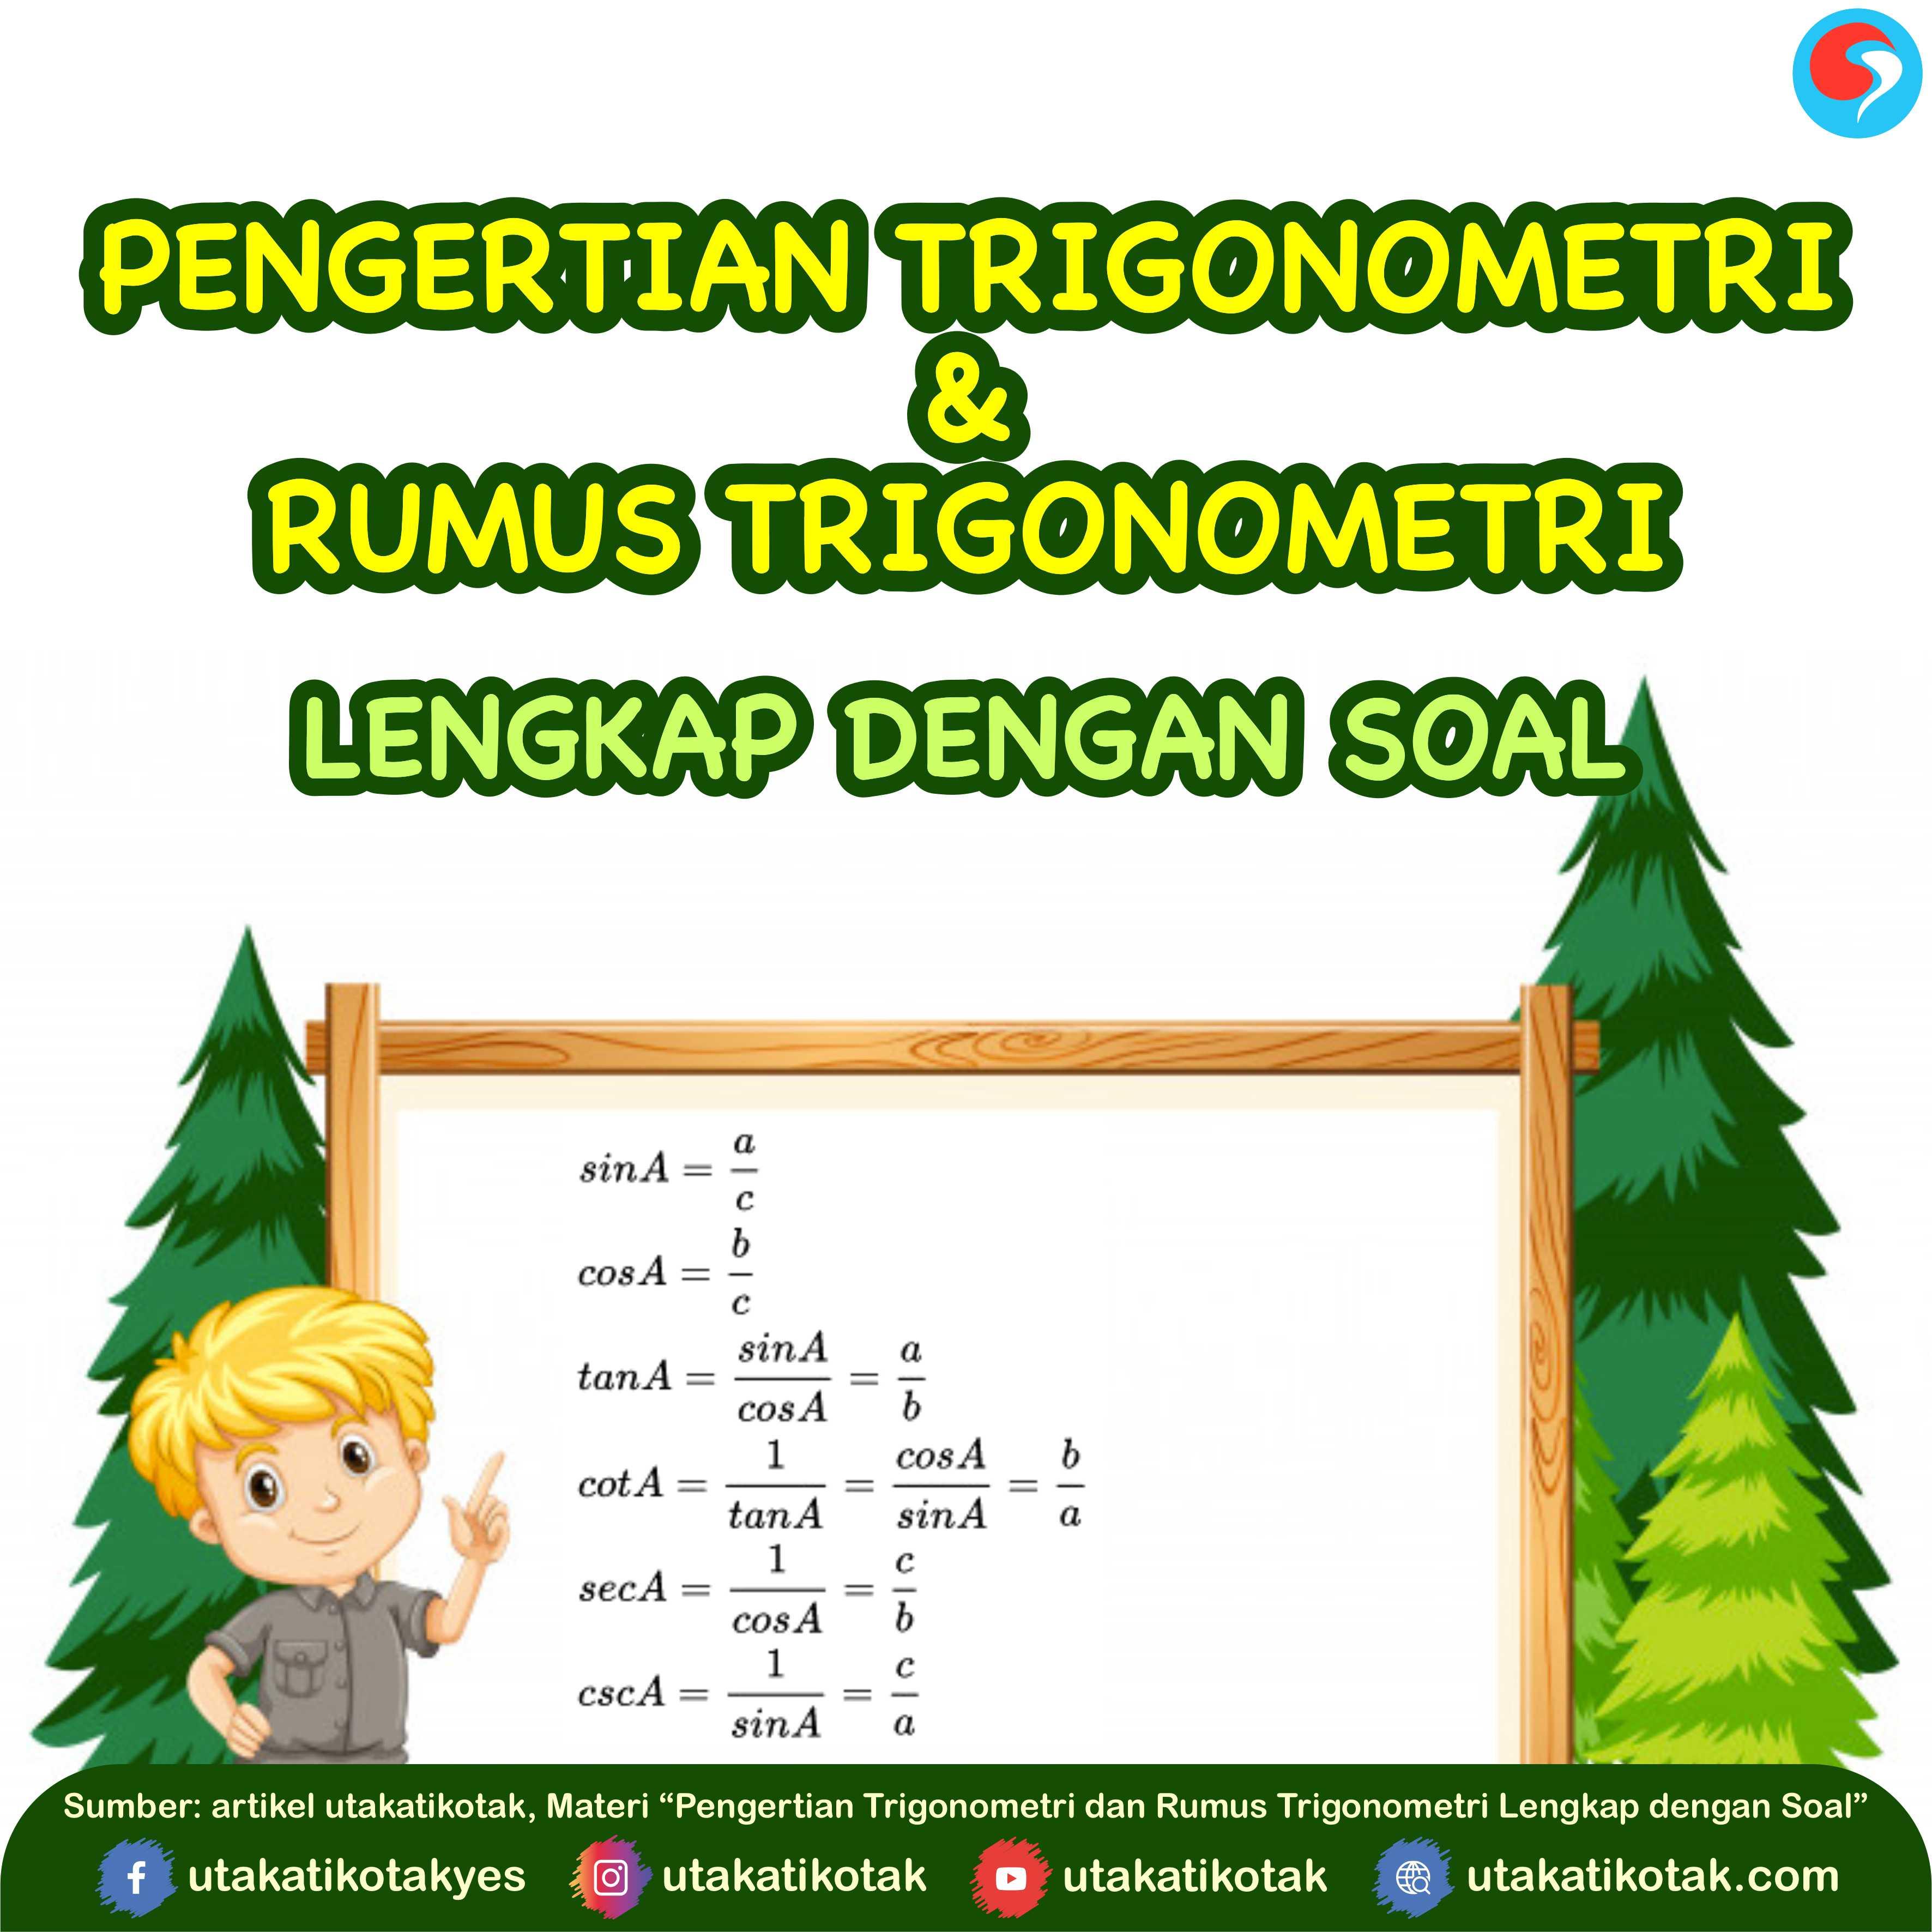 Pengertian Trigonometri Dan Rumus Trigonometri Lengkap Dengan Soal